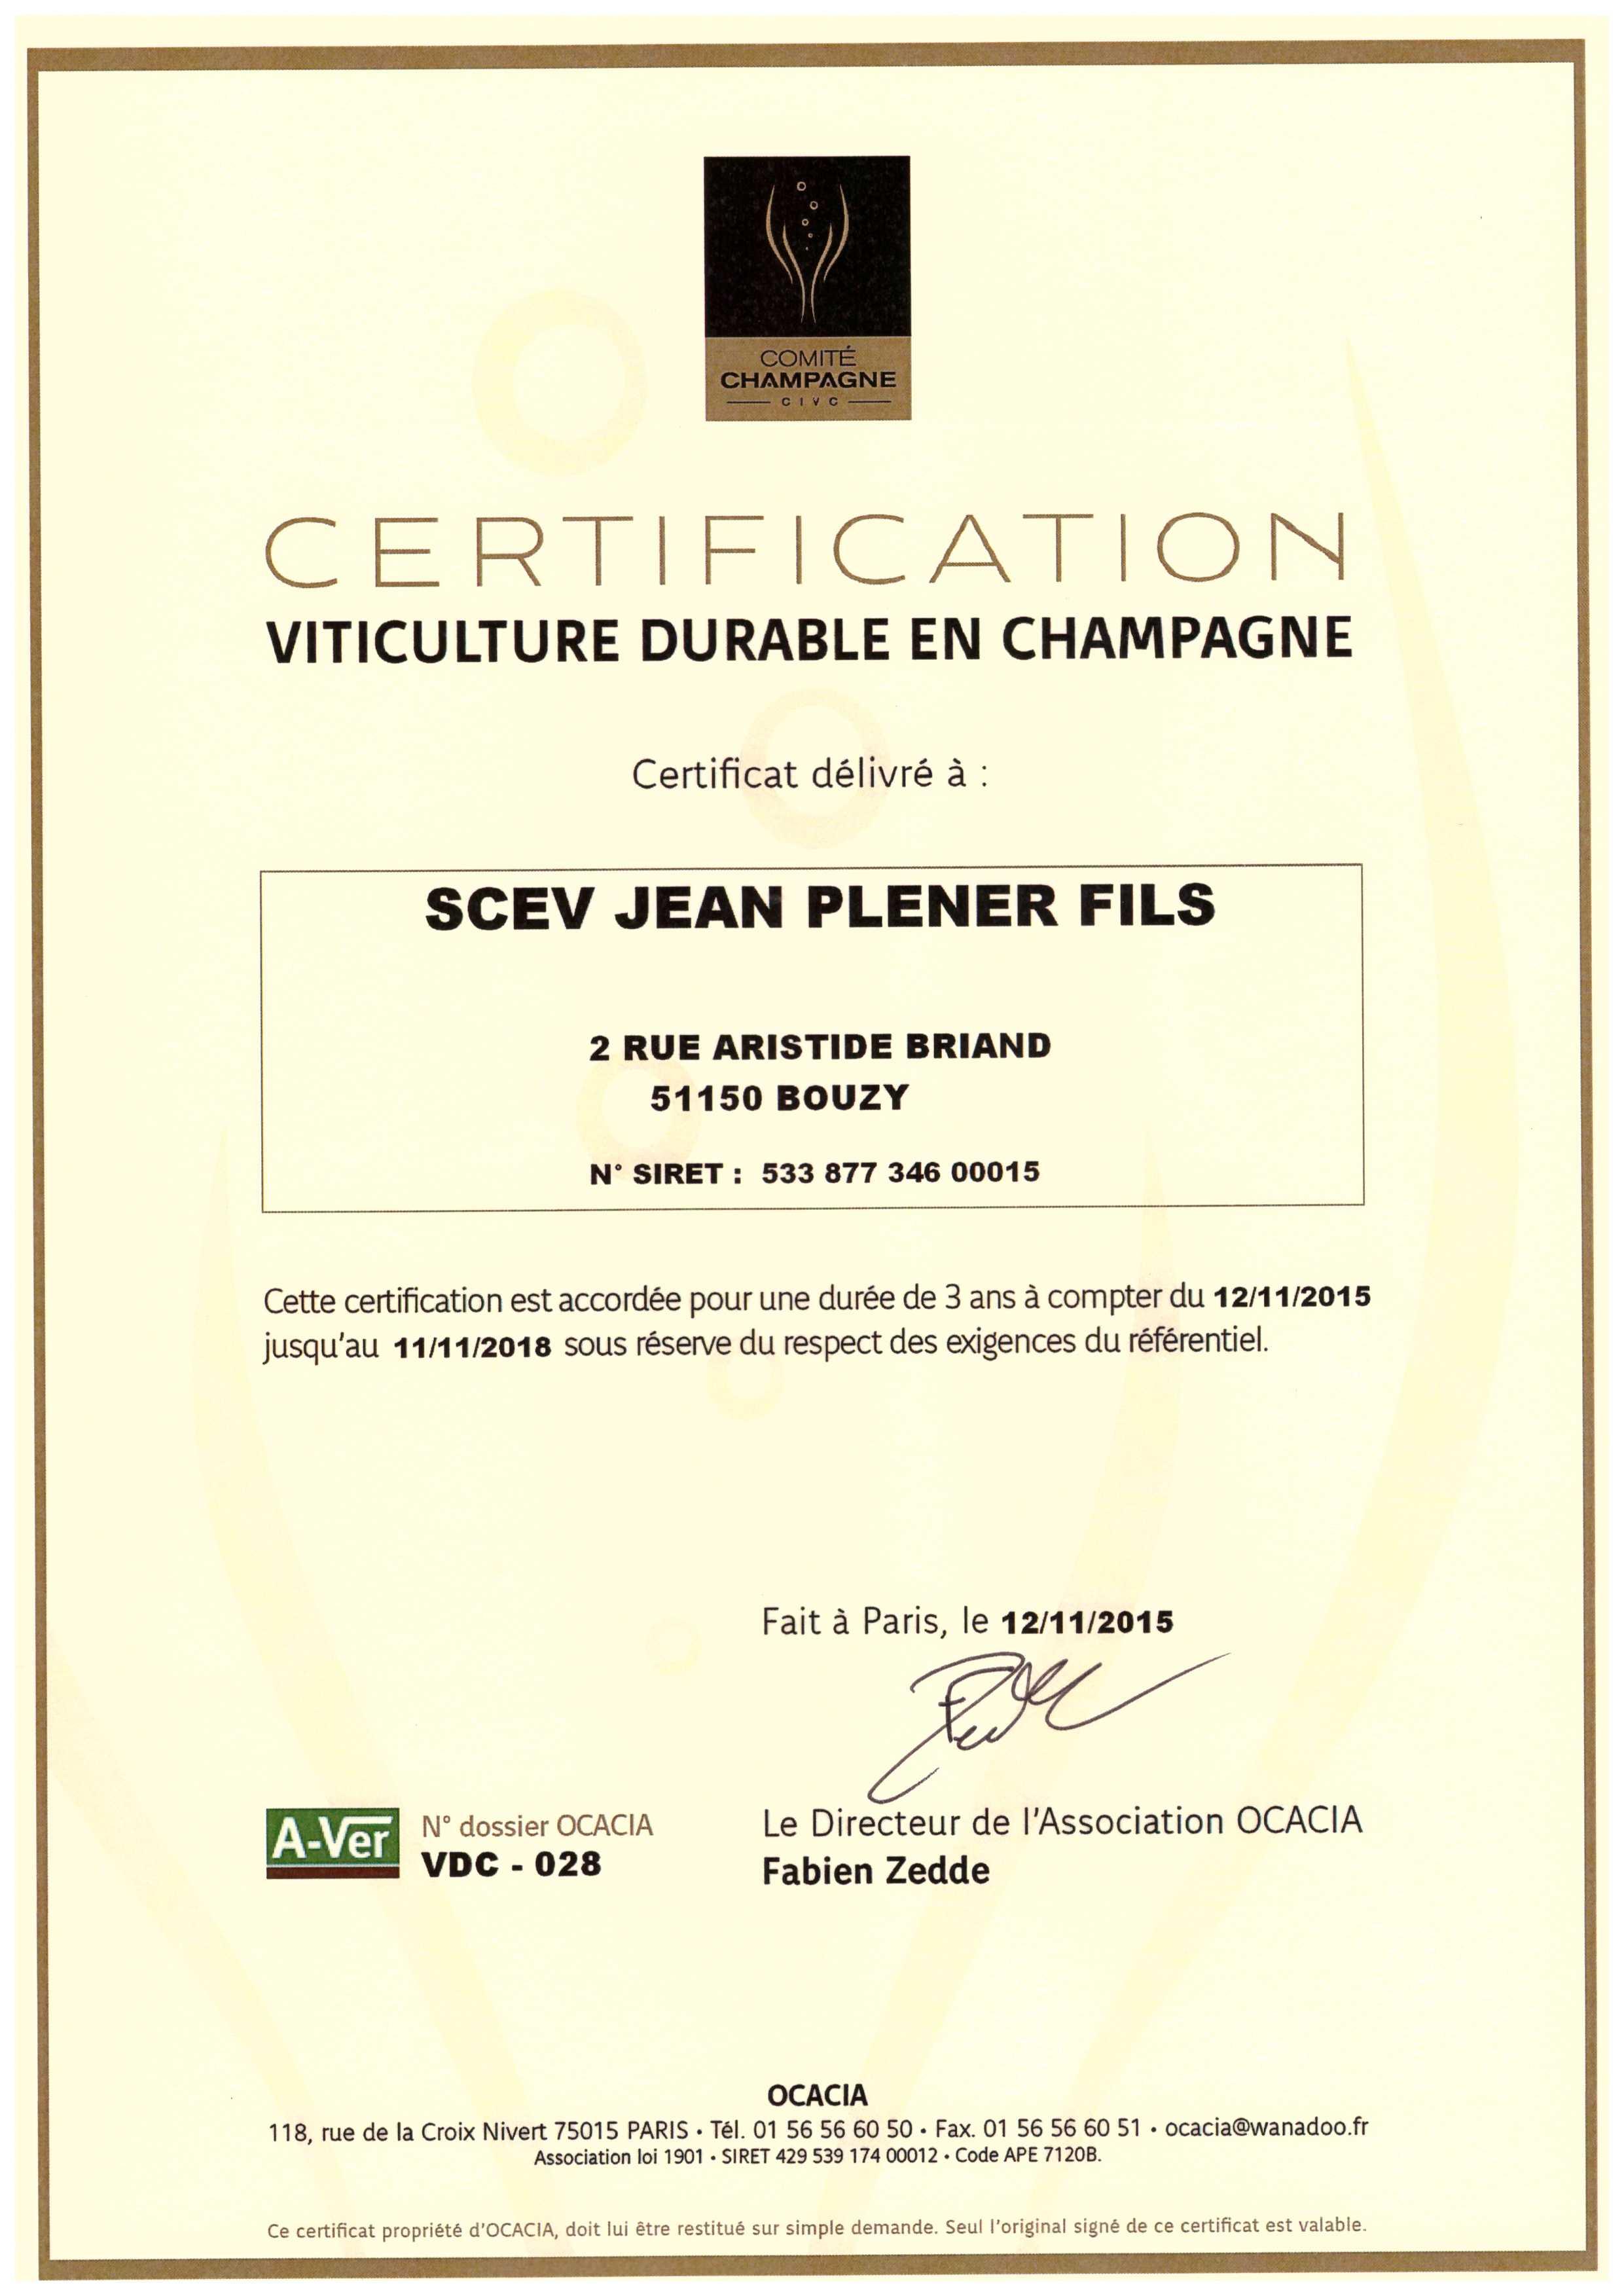 viticulture durable en champagne